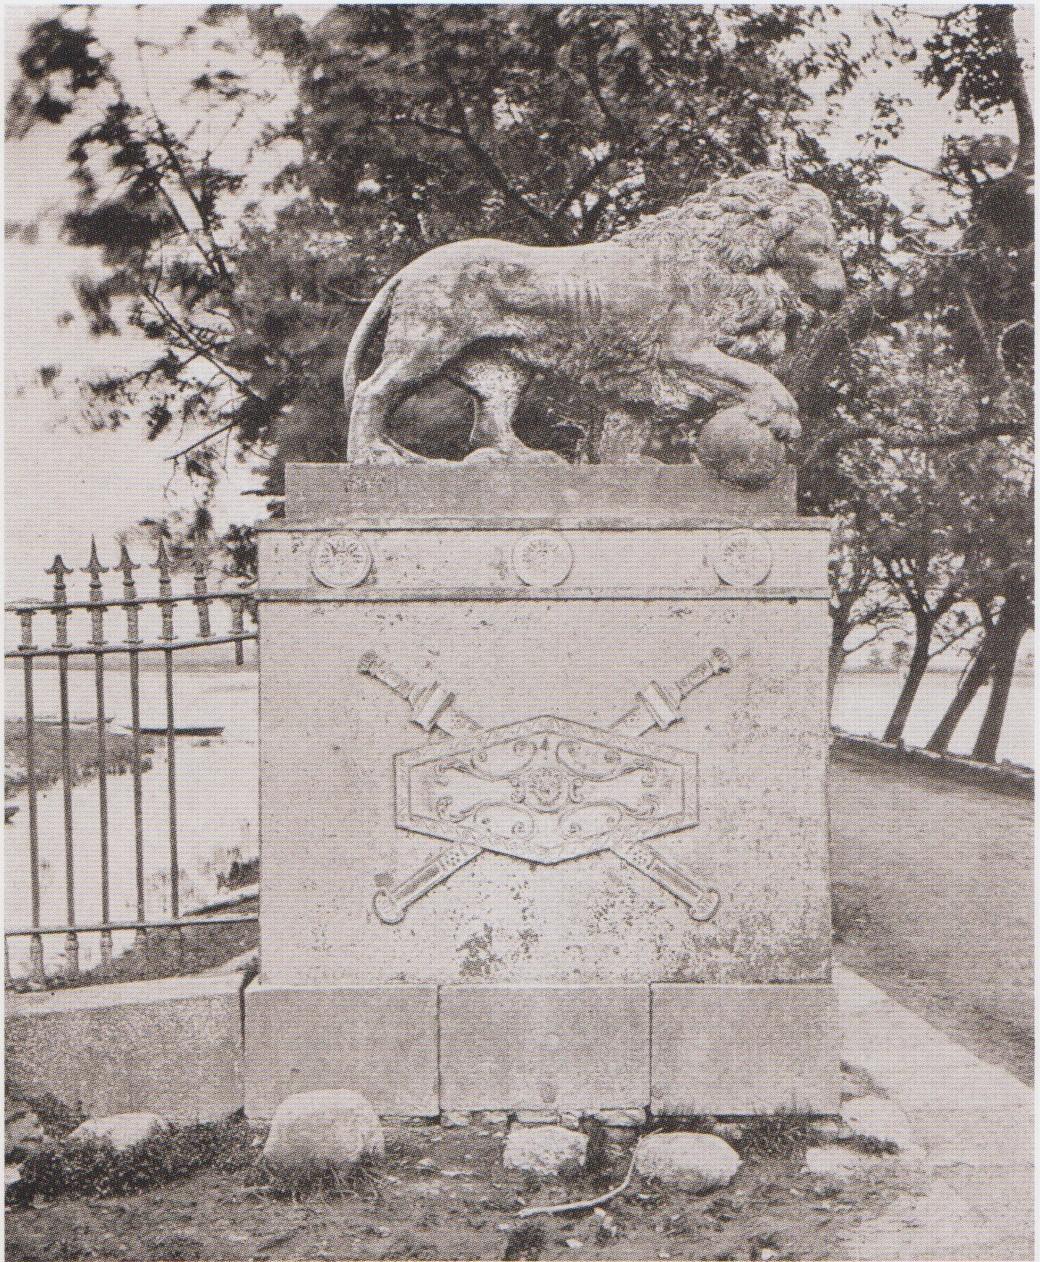 львы в Грузино дореволюц. снимок.jpg